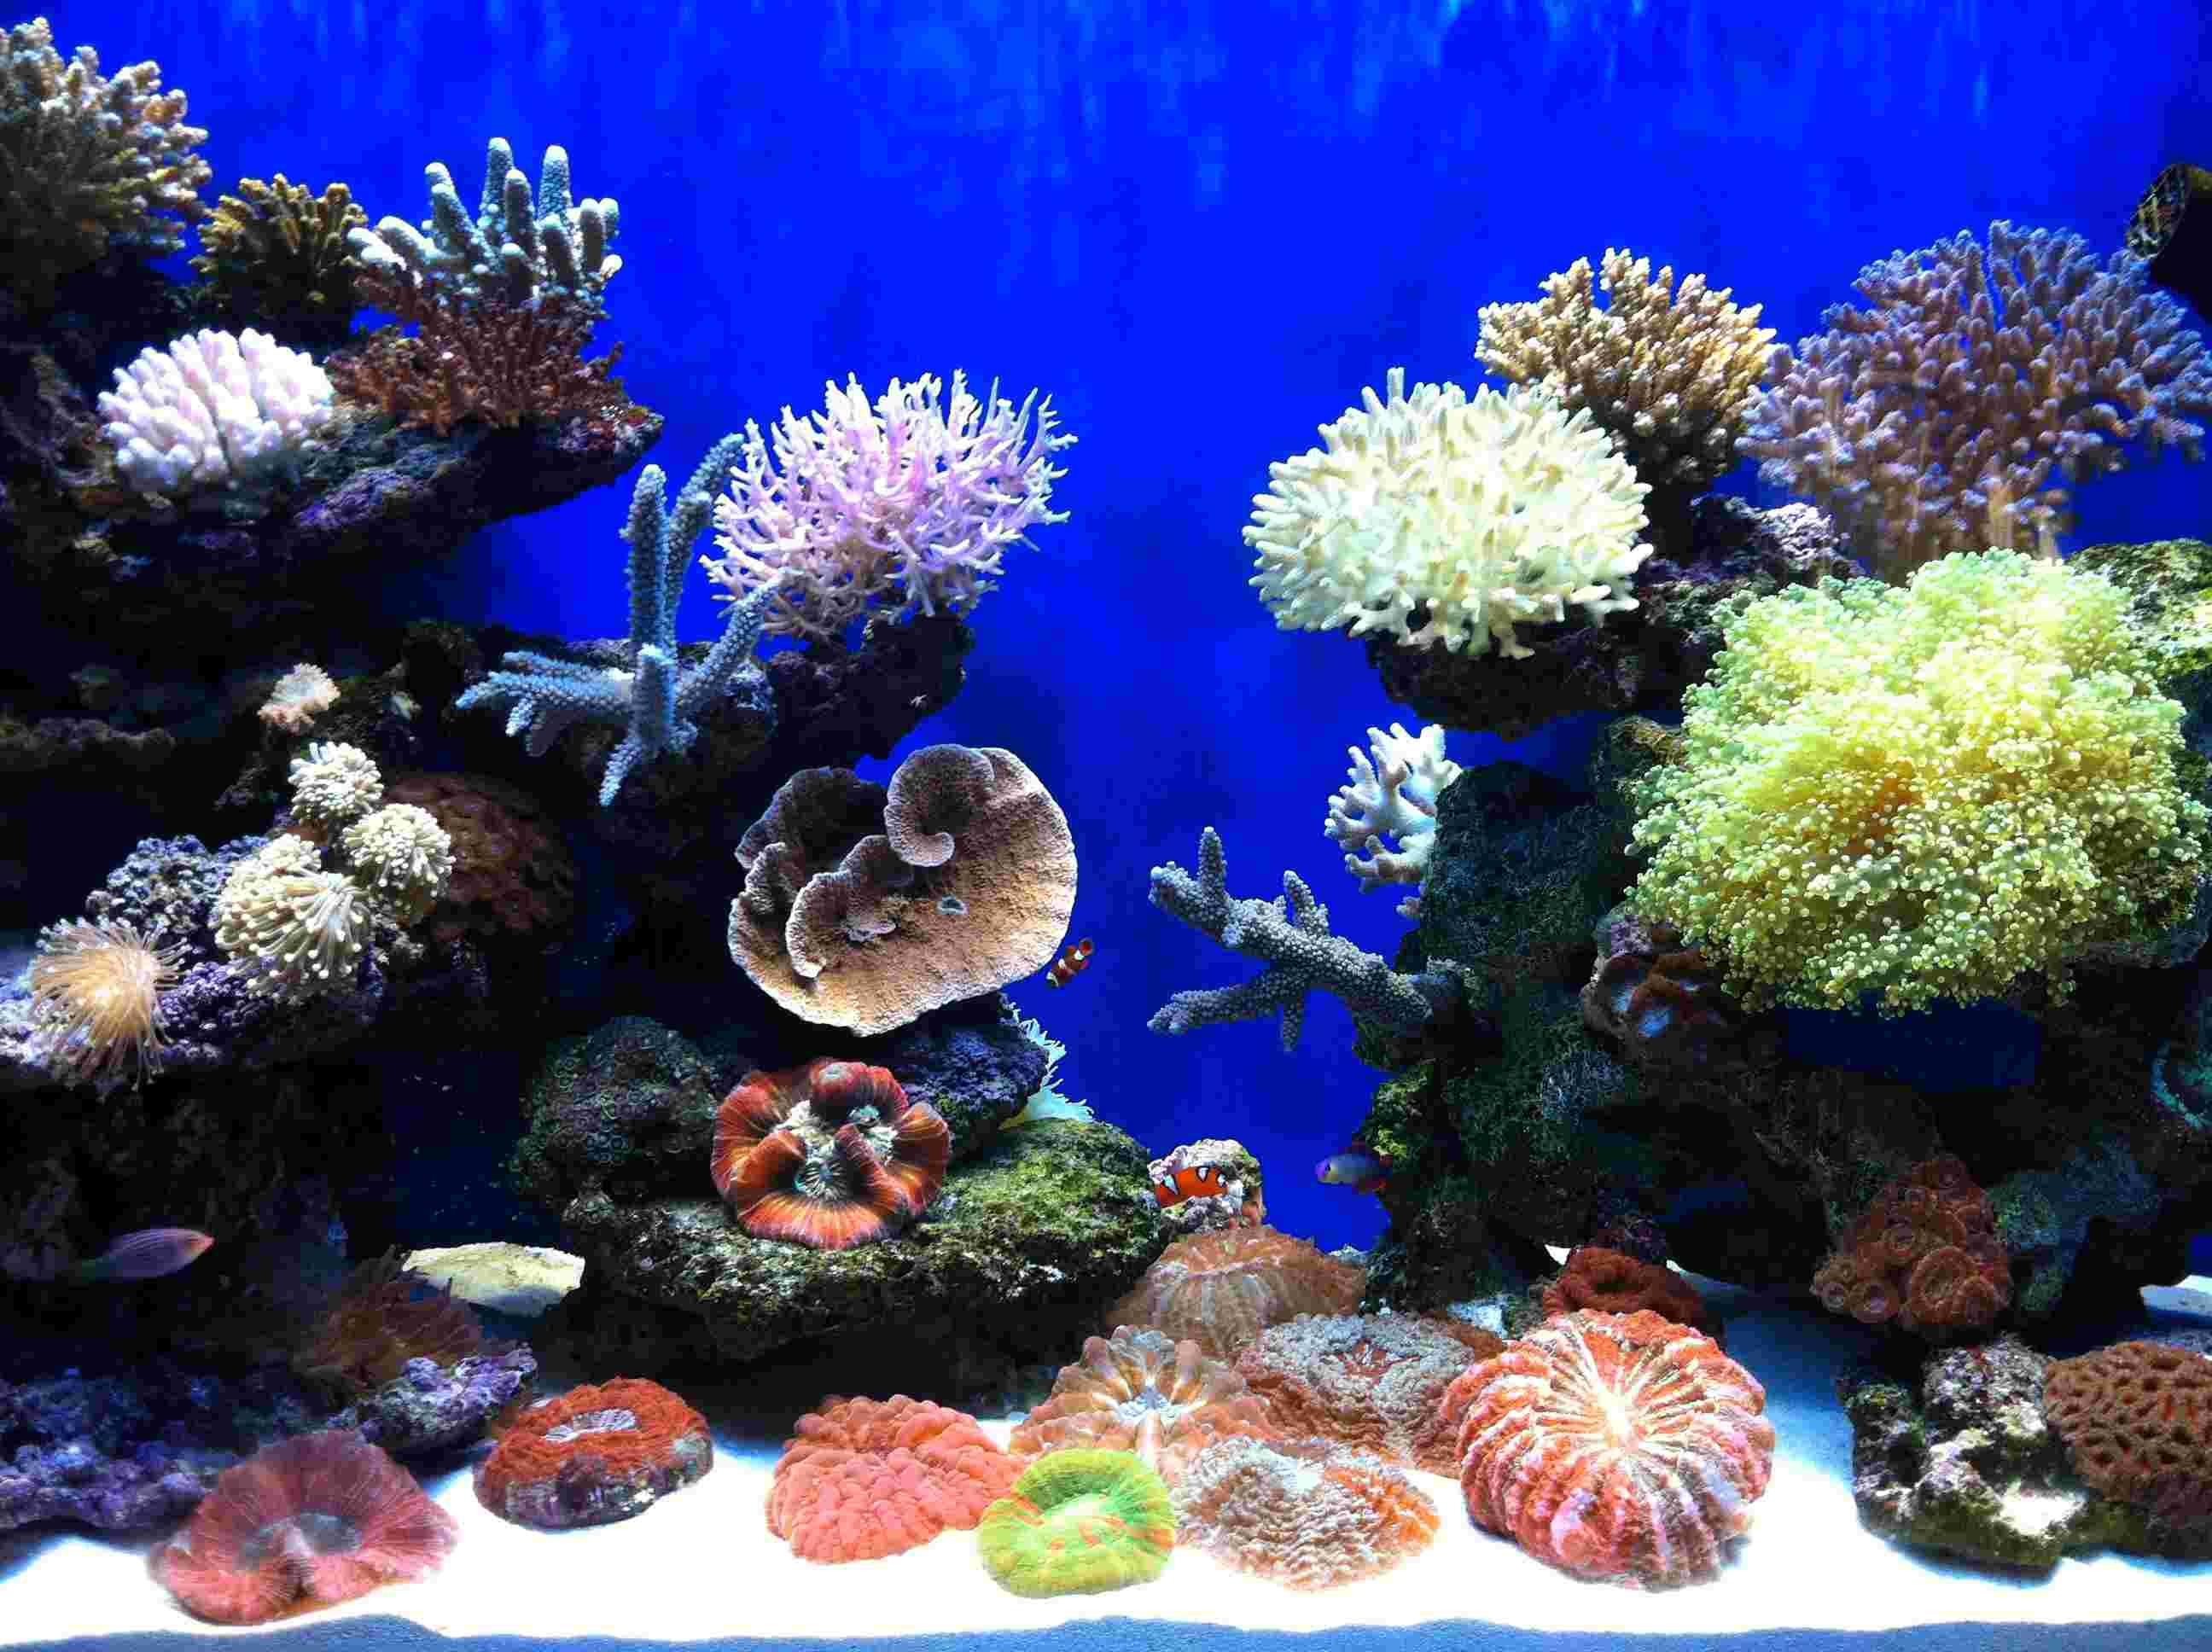 我的幻彩海世界 - 硬珊瑚礁岩生态缸(sps reef tank)